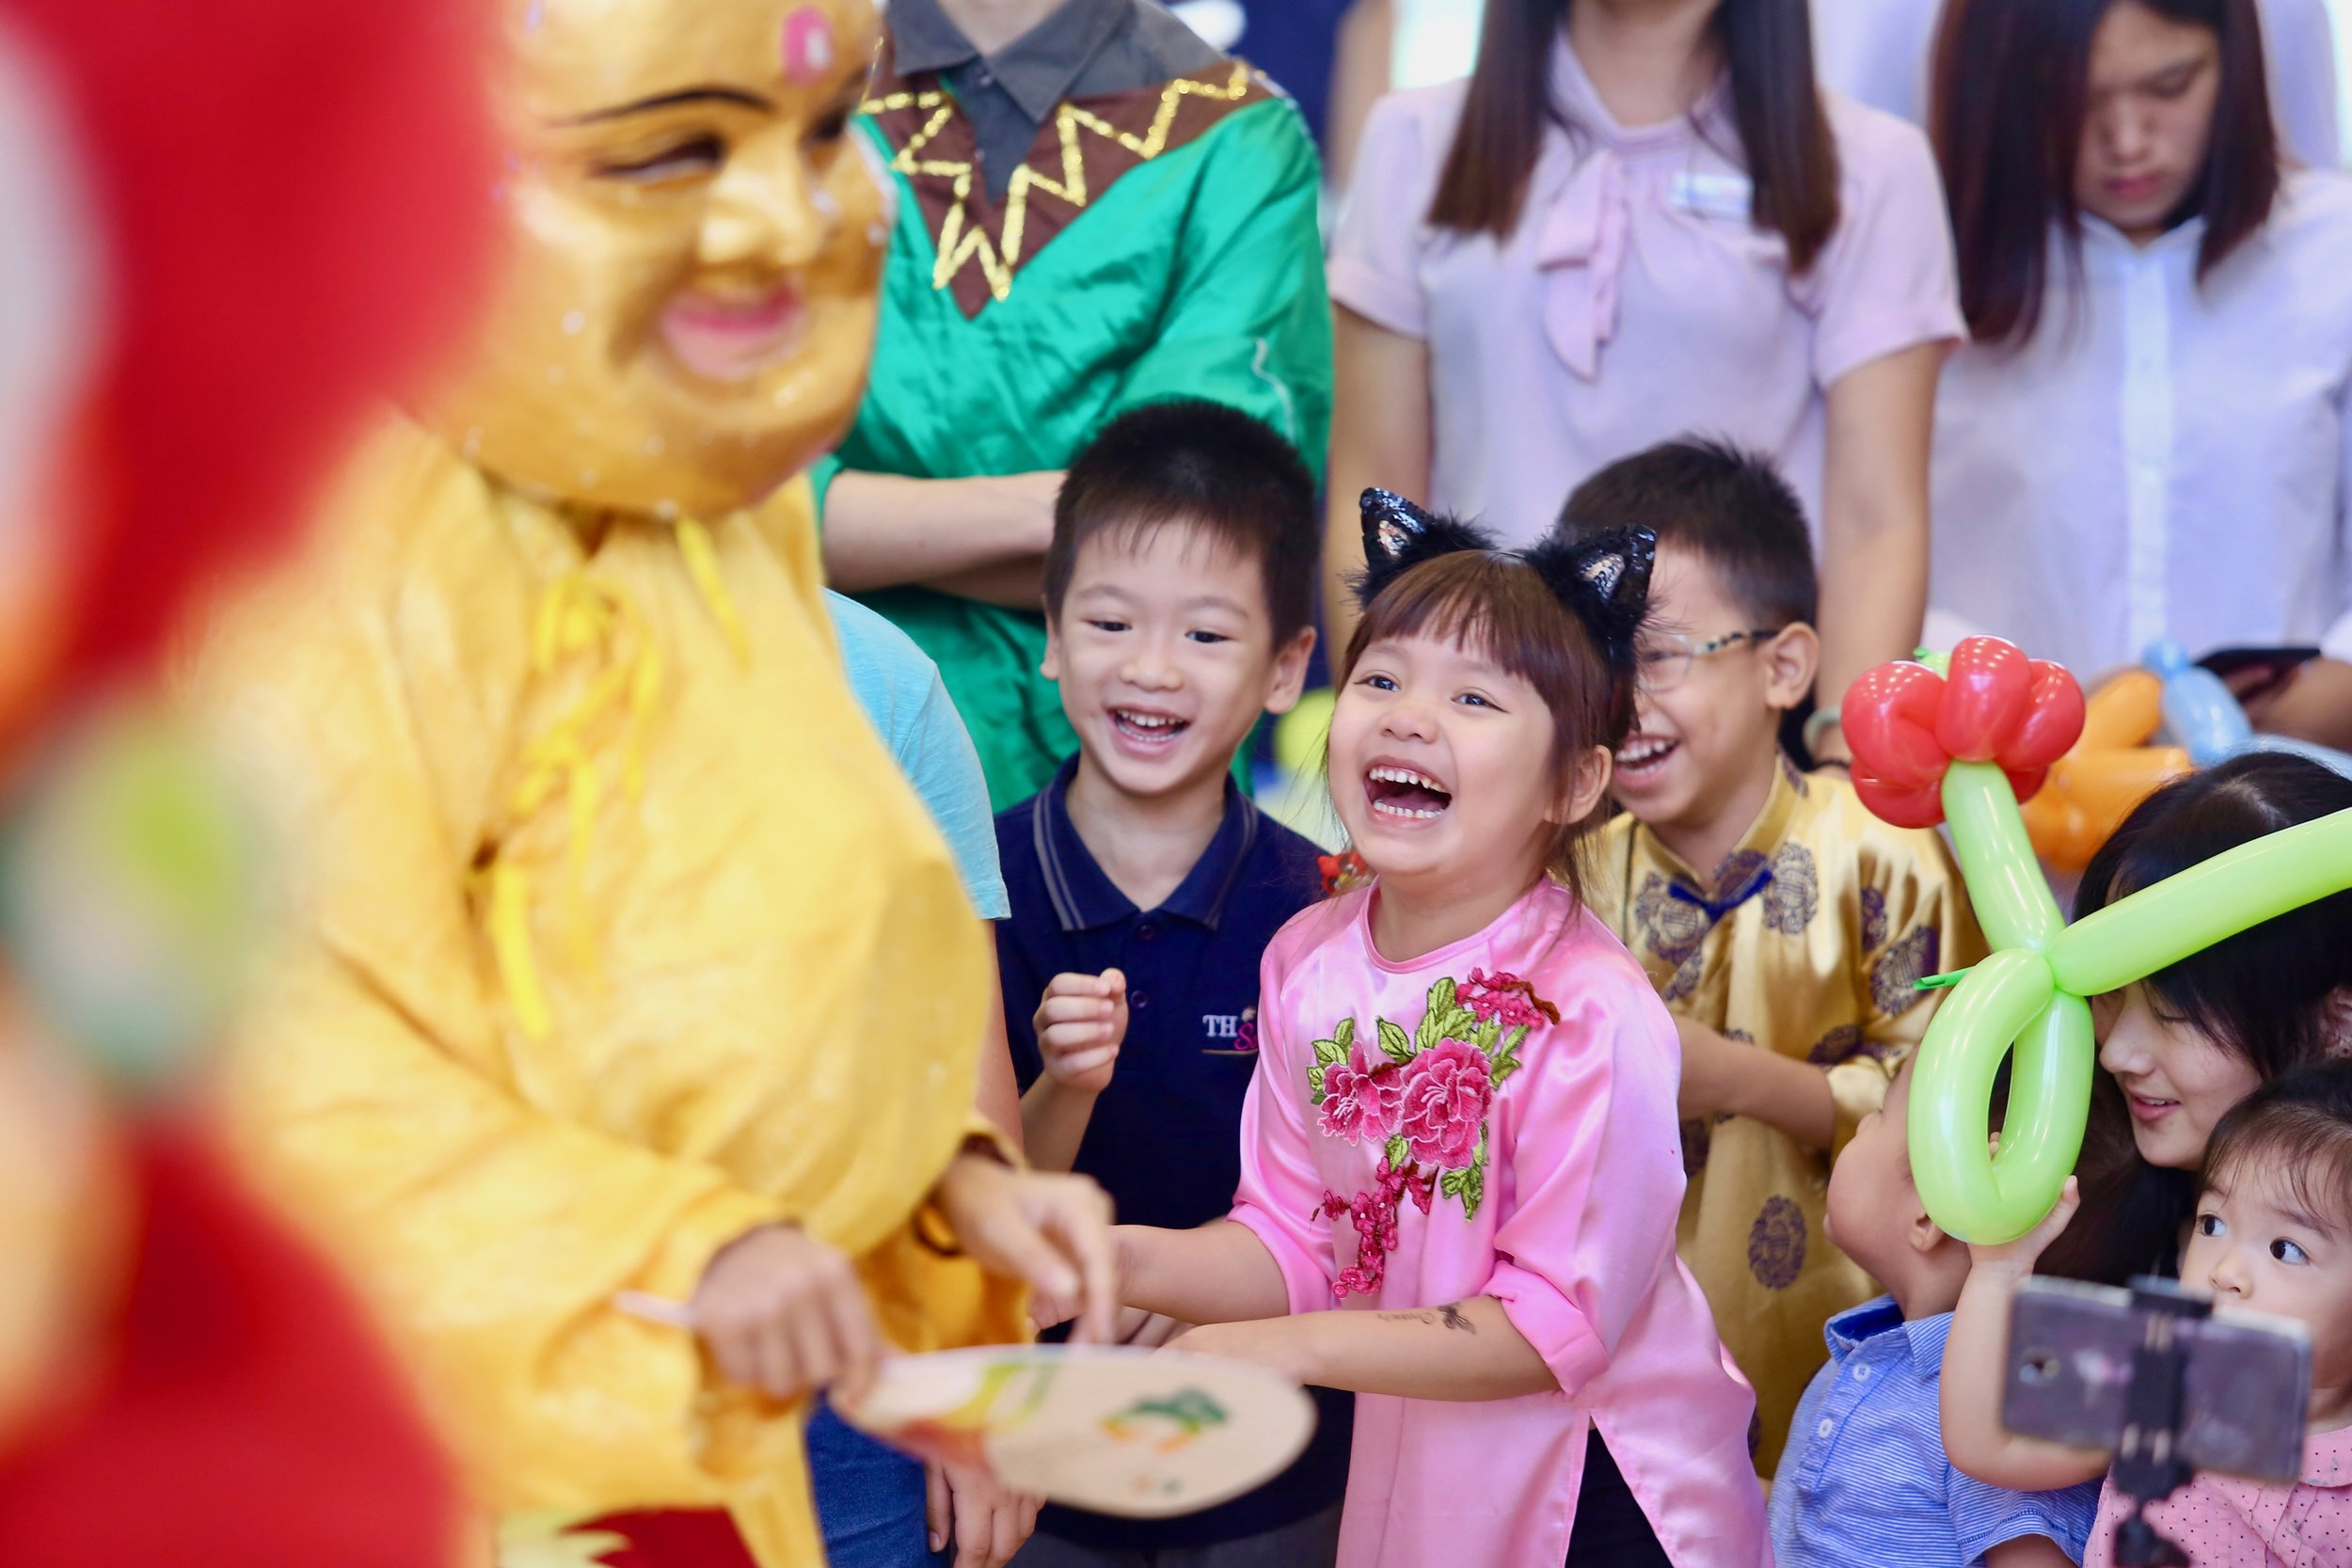 Students enjoy the festivities